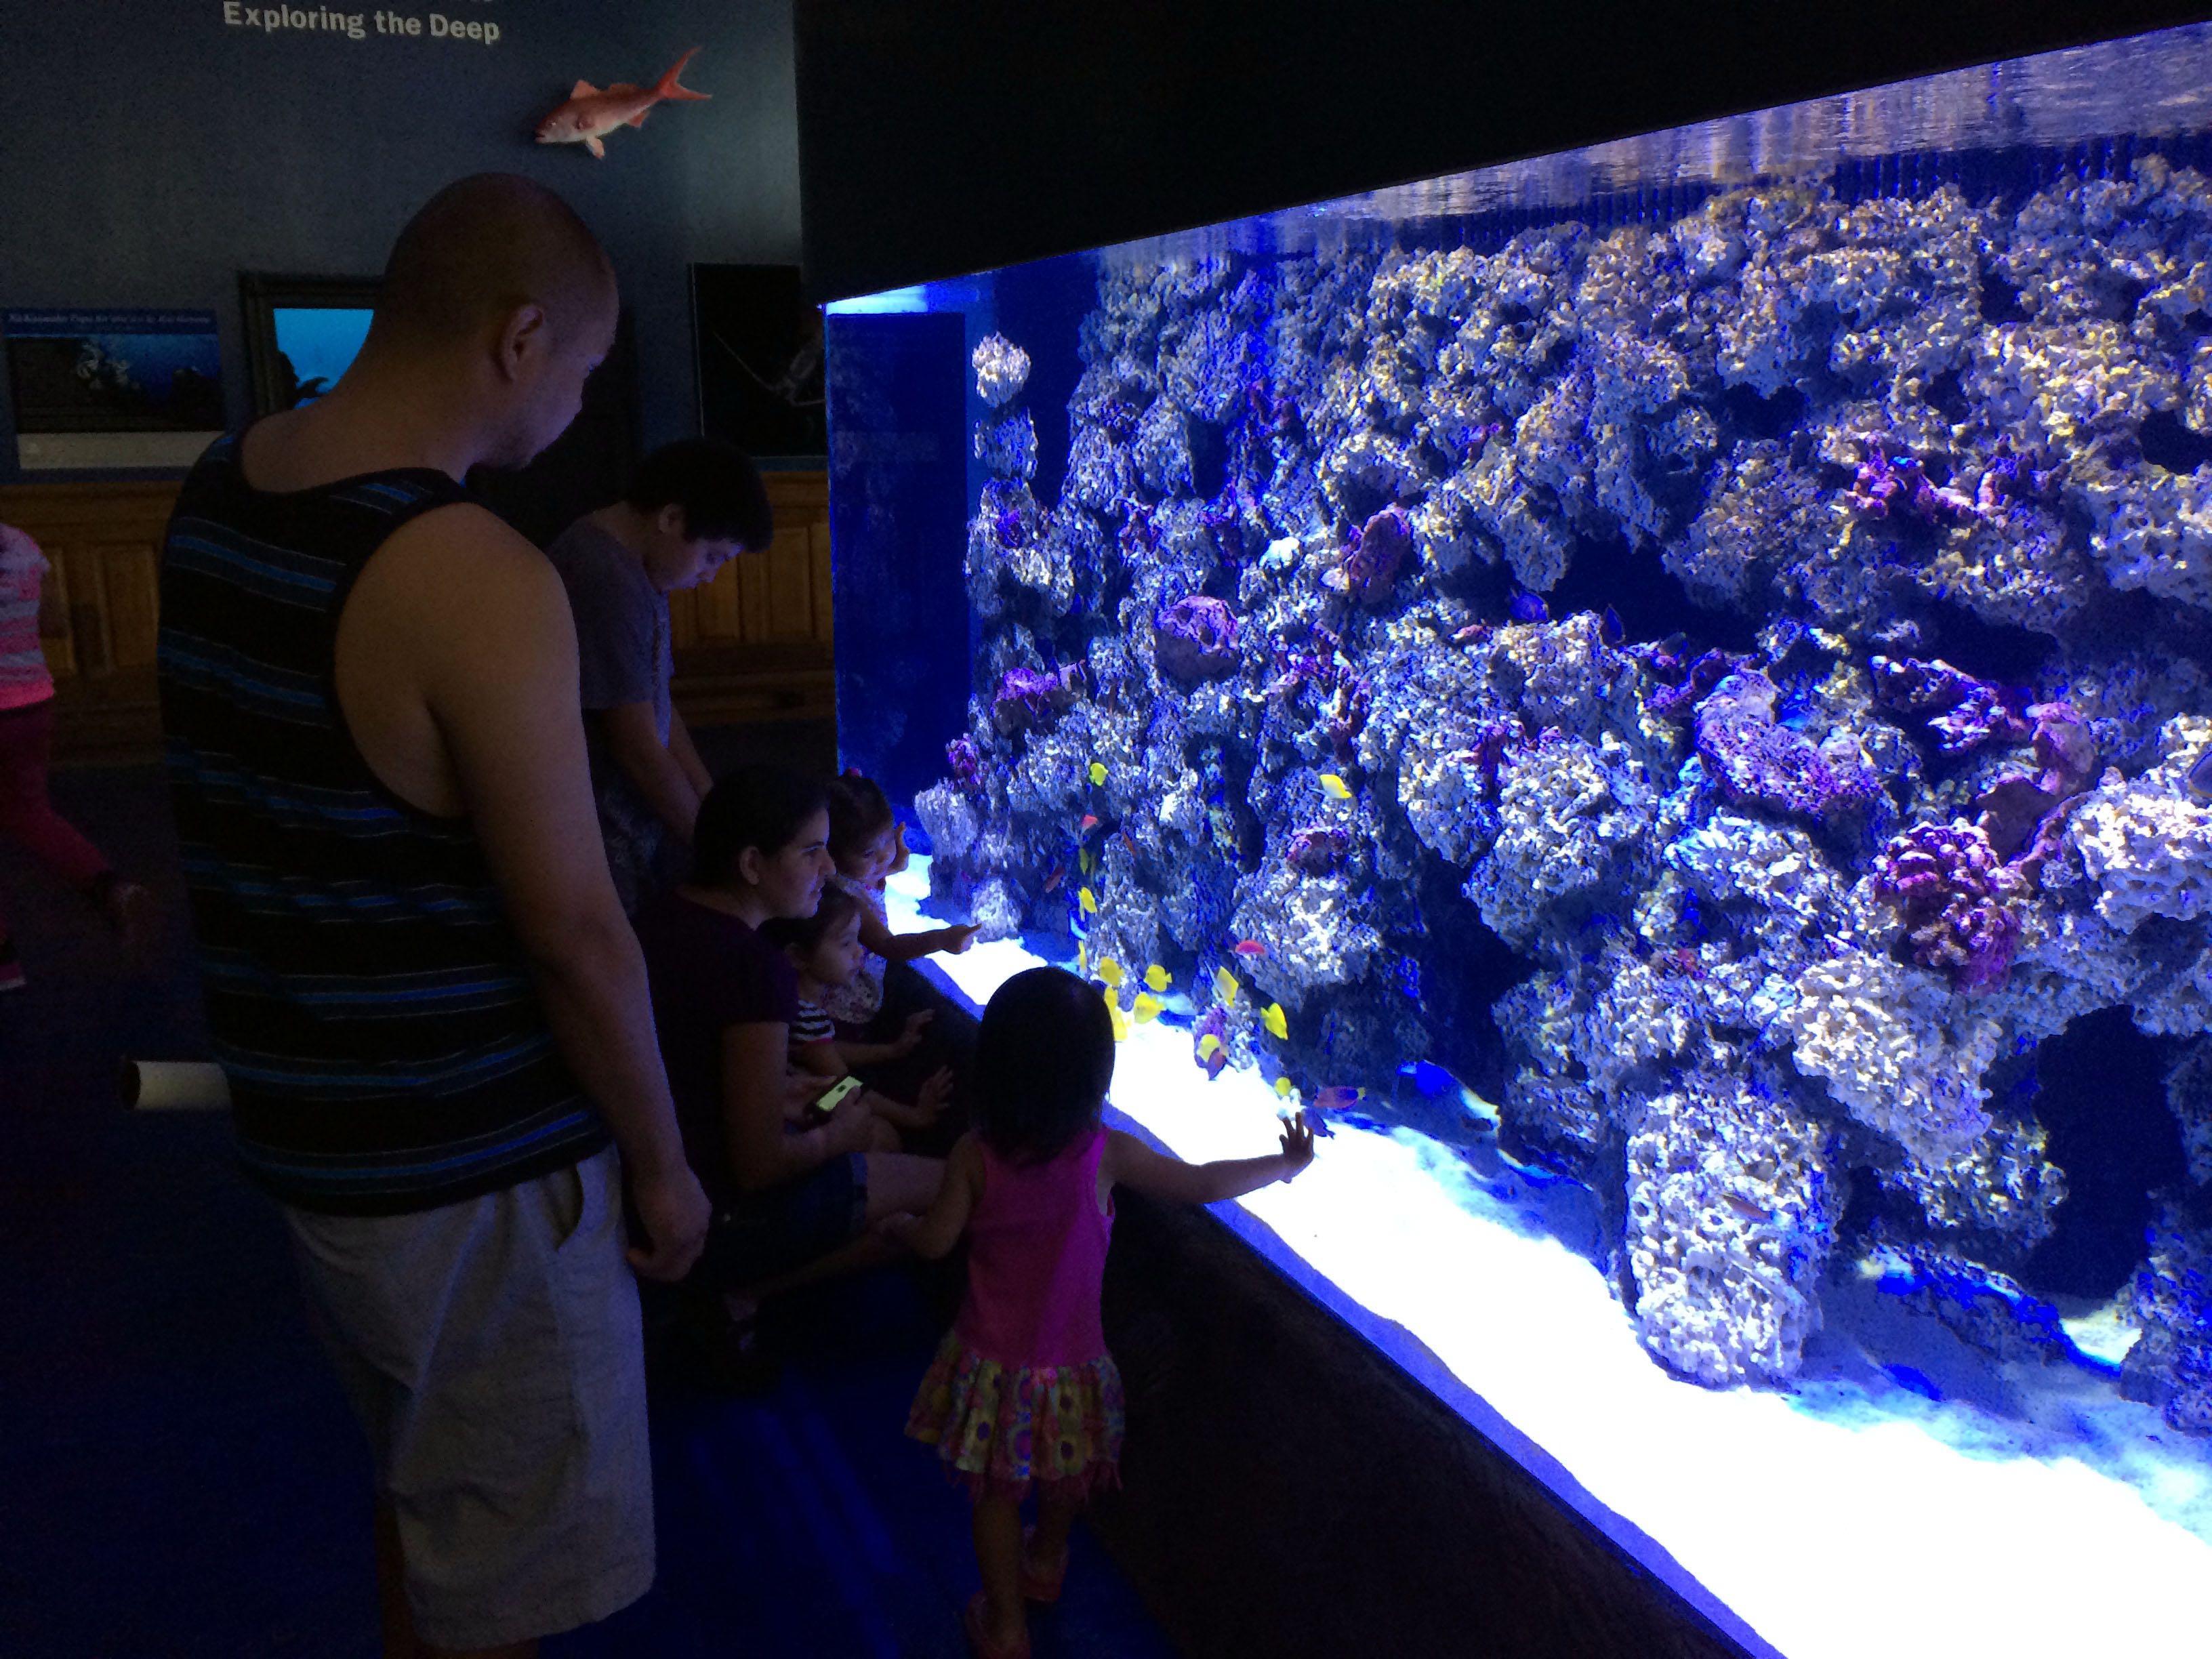 Mokupapapa aquarium exhibit